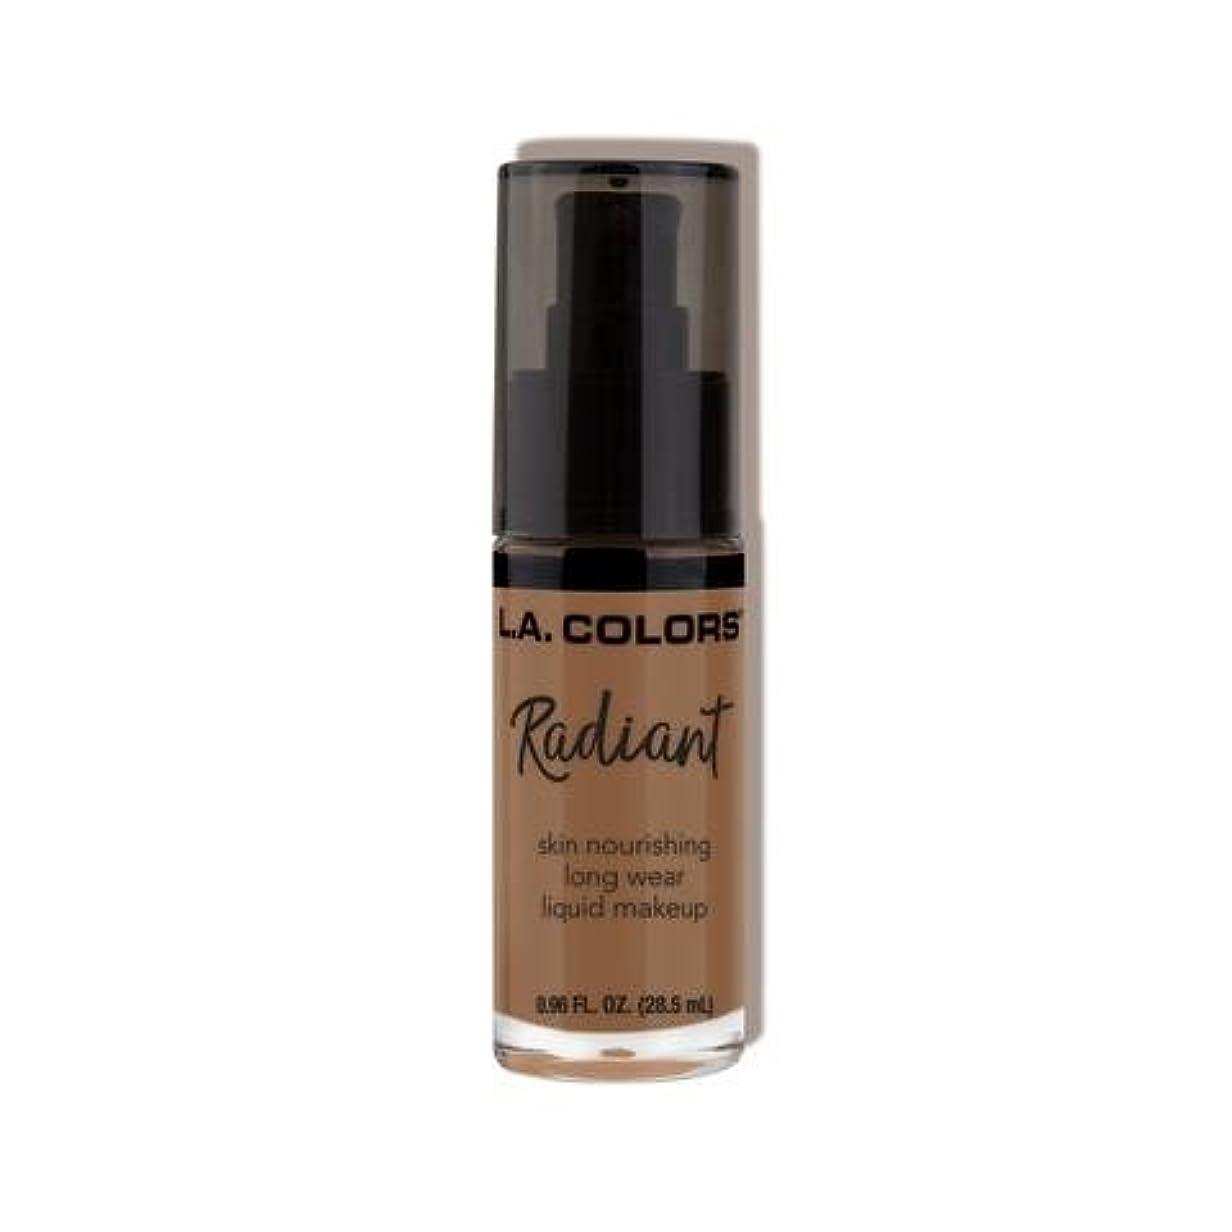 袋退化するこの(3 Pack) L.A. COLORS Radiant Liquid Makeup - Mocha (並行輸入品)